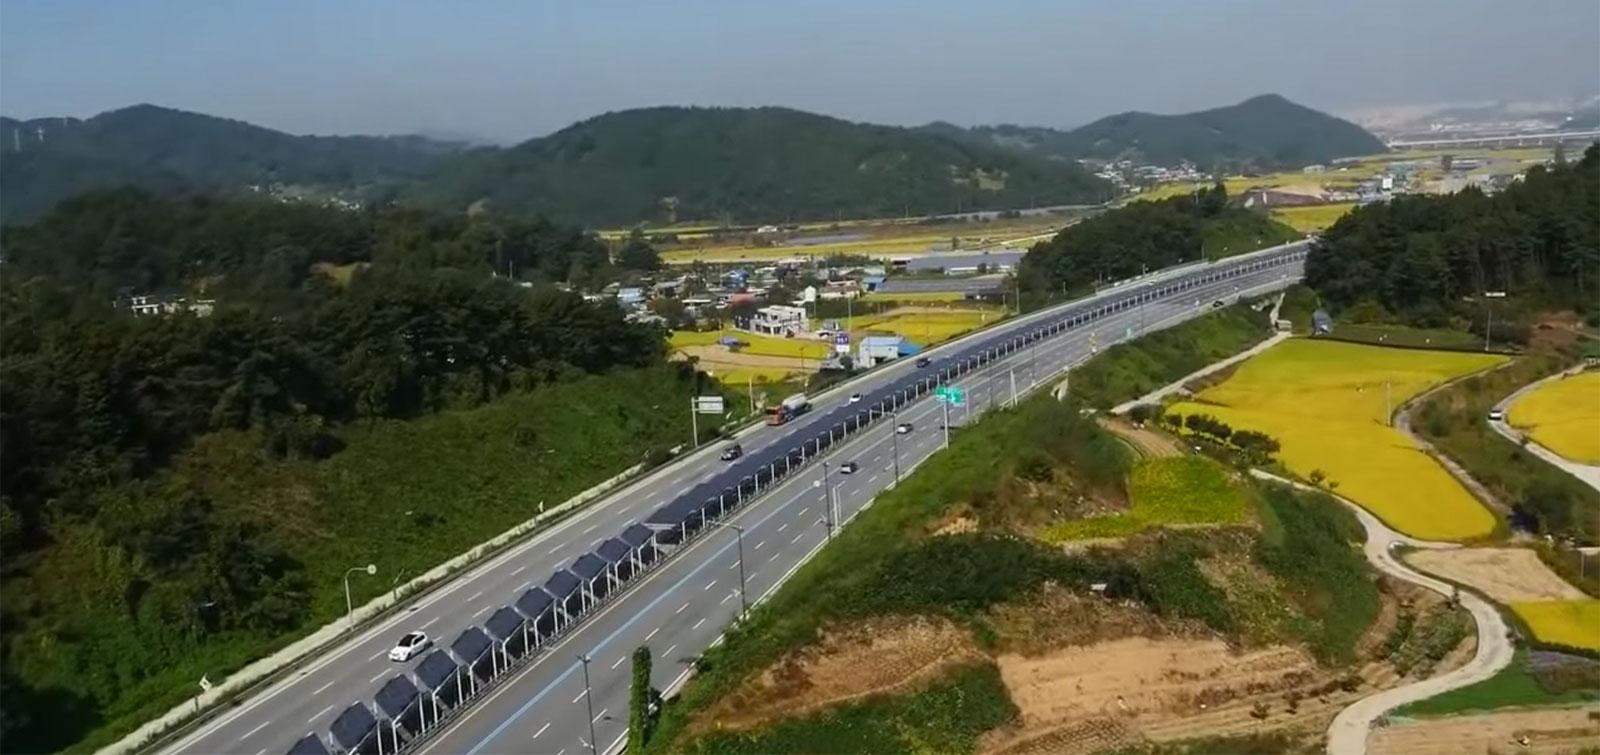 Güney Kore'de 32 km'lik bisiklet yolu güneş panelleri sayesinde hem gölgede kalıyor hem de enerji sağlıyor